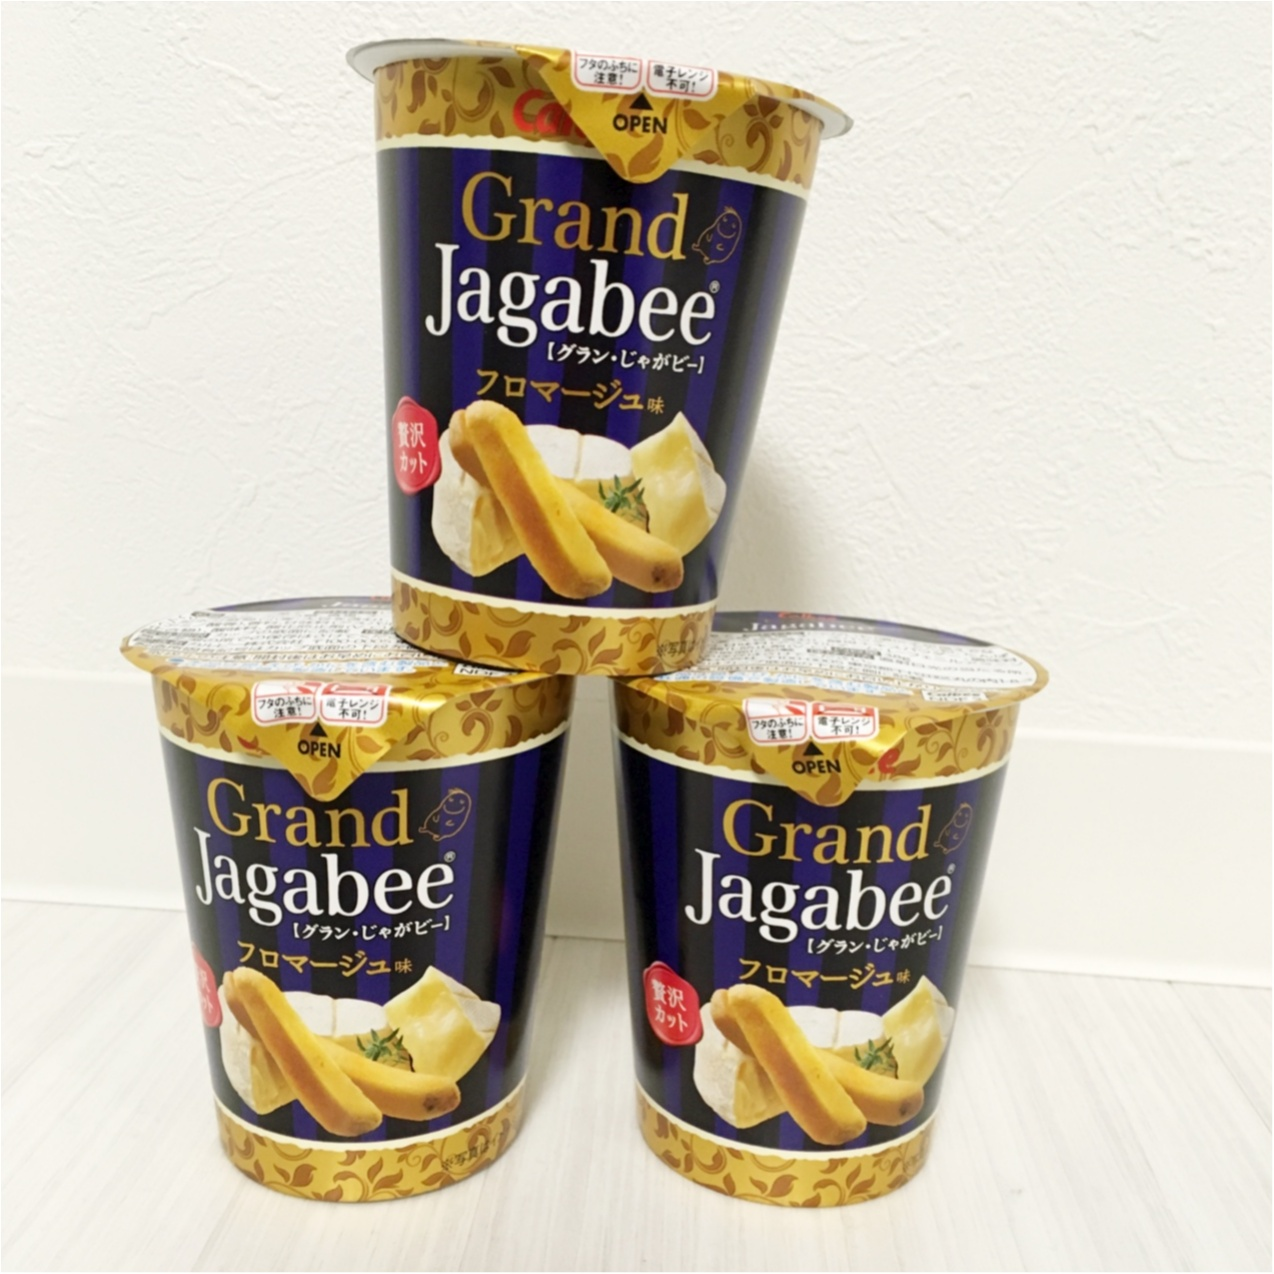 《 新発売 》濃厚チーズが美味しい ♡ Grand Jagabeeのフロマージュ味 ♡_5